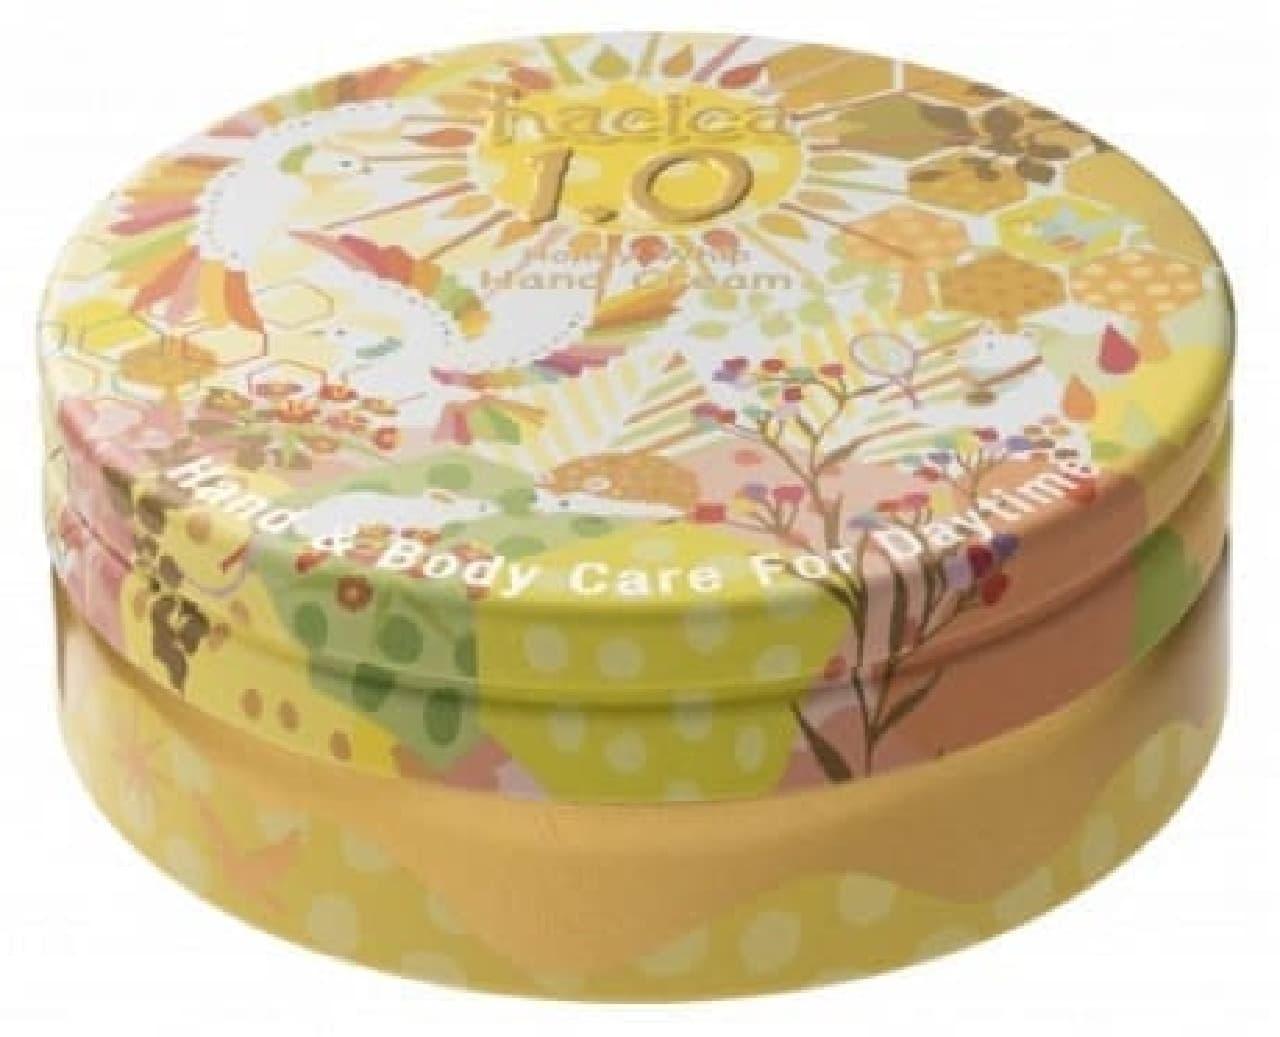 ハチカのハニーホイップ ハンドクリーム 1.0